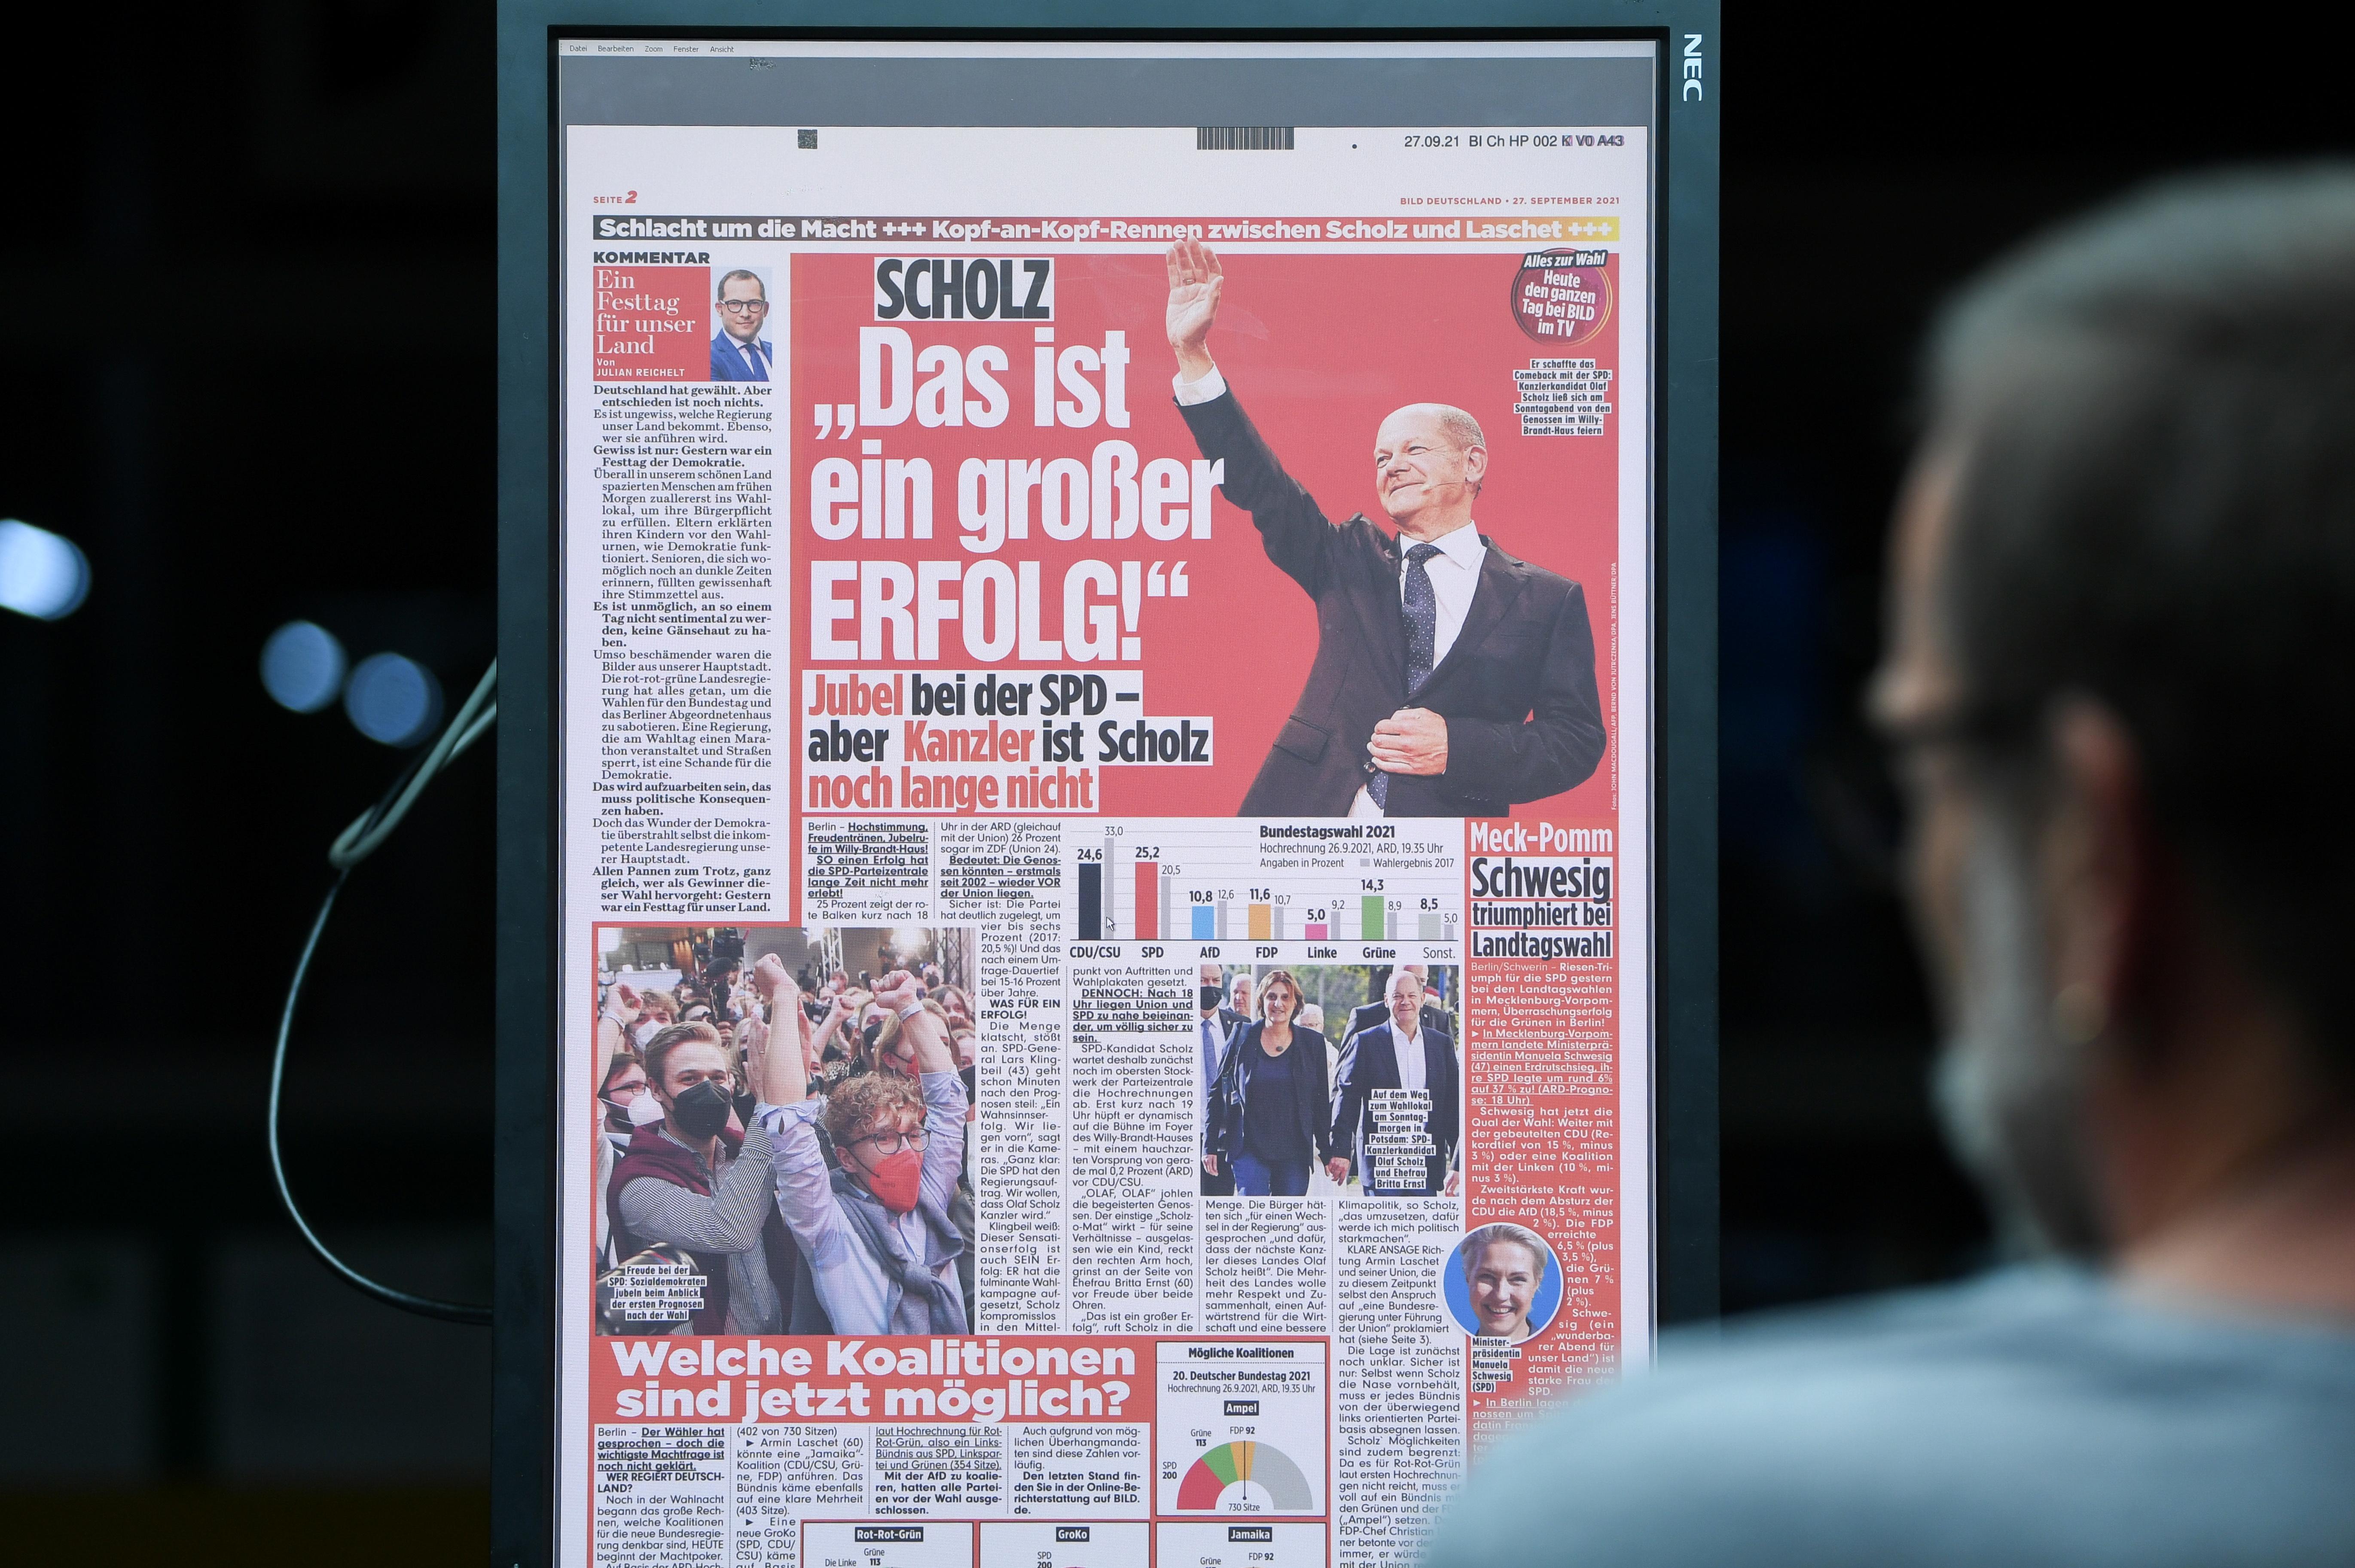 A Bild újság nyomtatott kiadásának egyik oldalán a Szociáldemokrata Párt (SPD) vezetője és legfőbb kancellárjelöltje látható, Olaf Scholz, az első választási szavazás után Berlinben, Németországban, 26. szeptember 2021 -án. REUTERS/Andreas Gebert